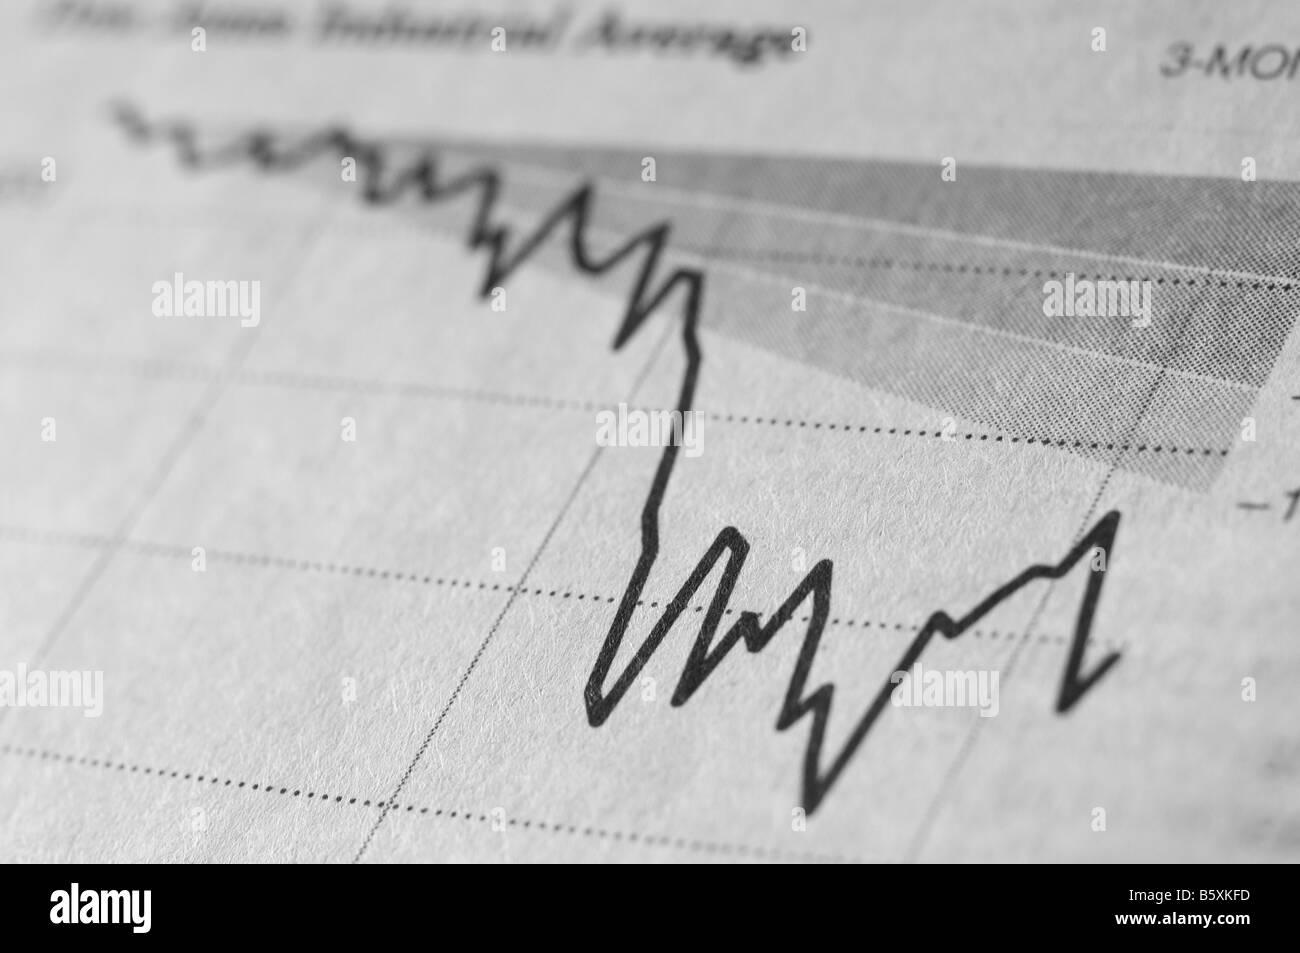 La section des affaires financières d'un journal. Photo Stock